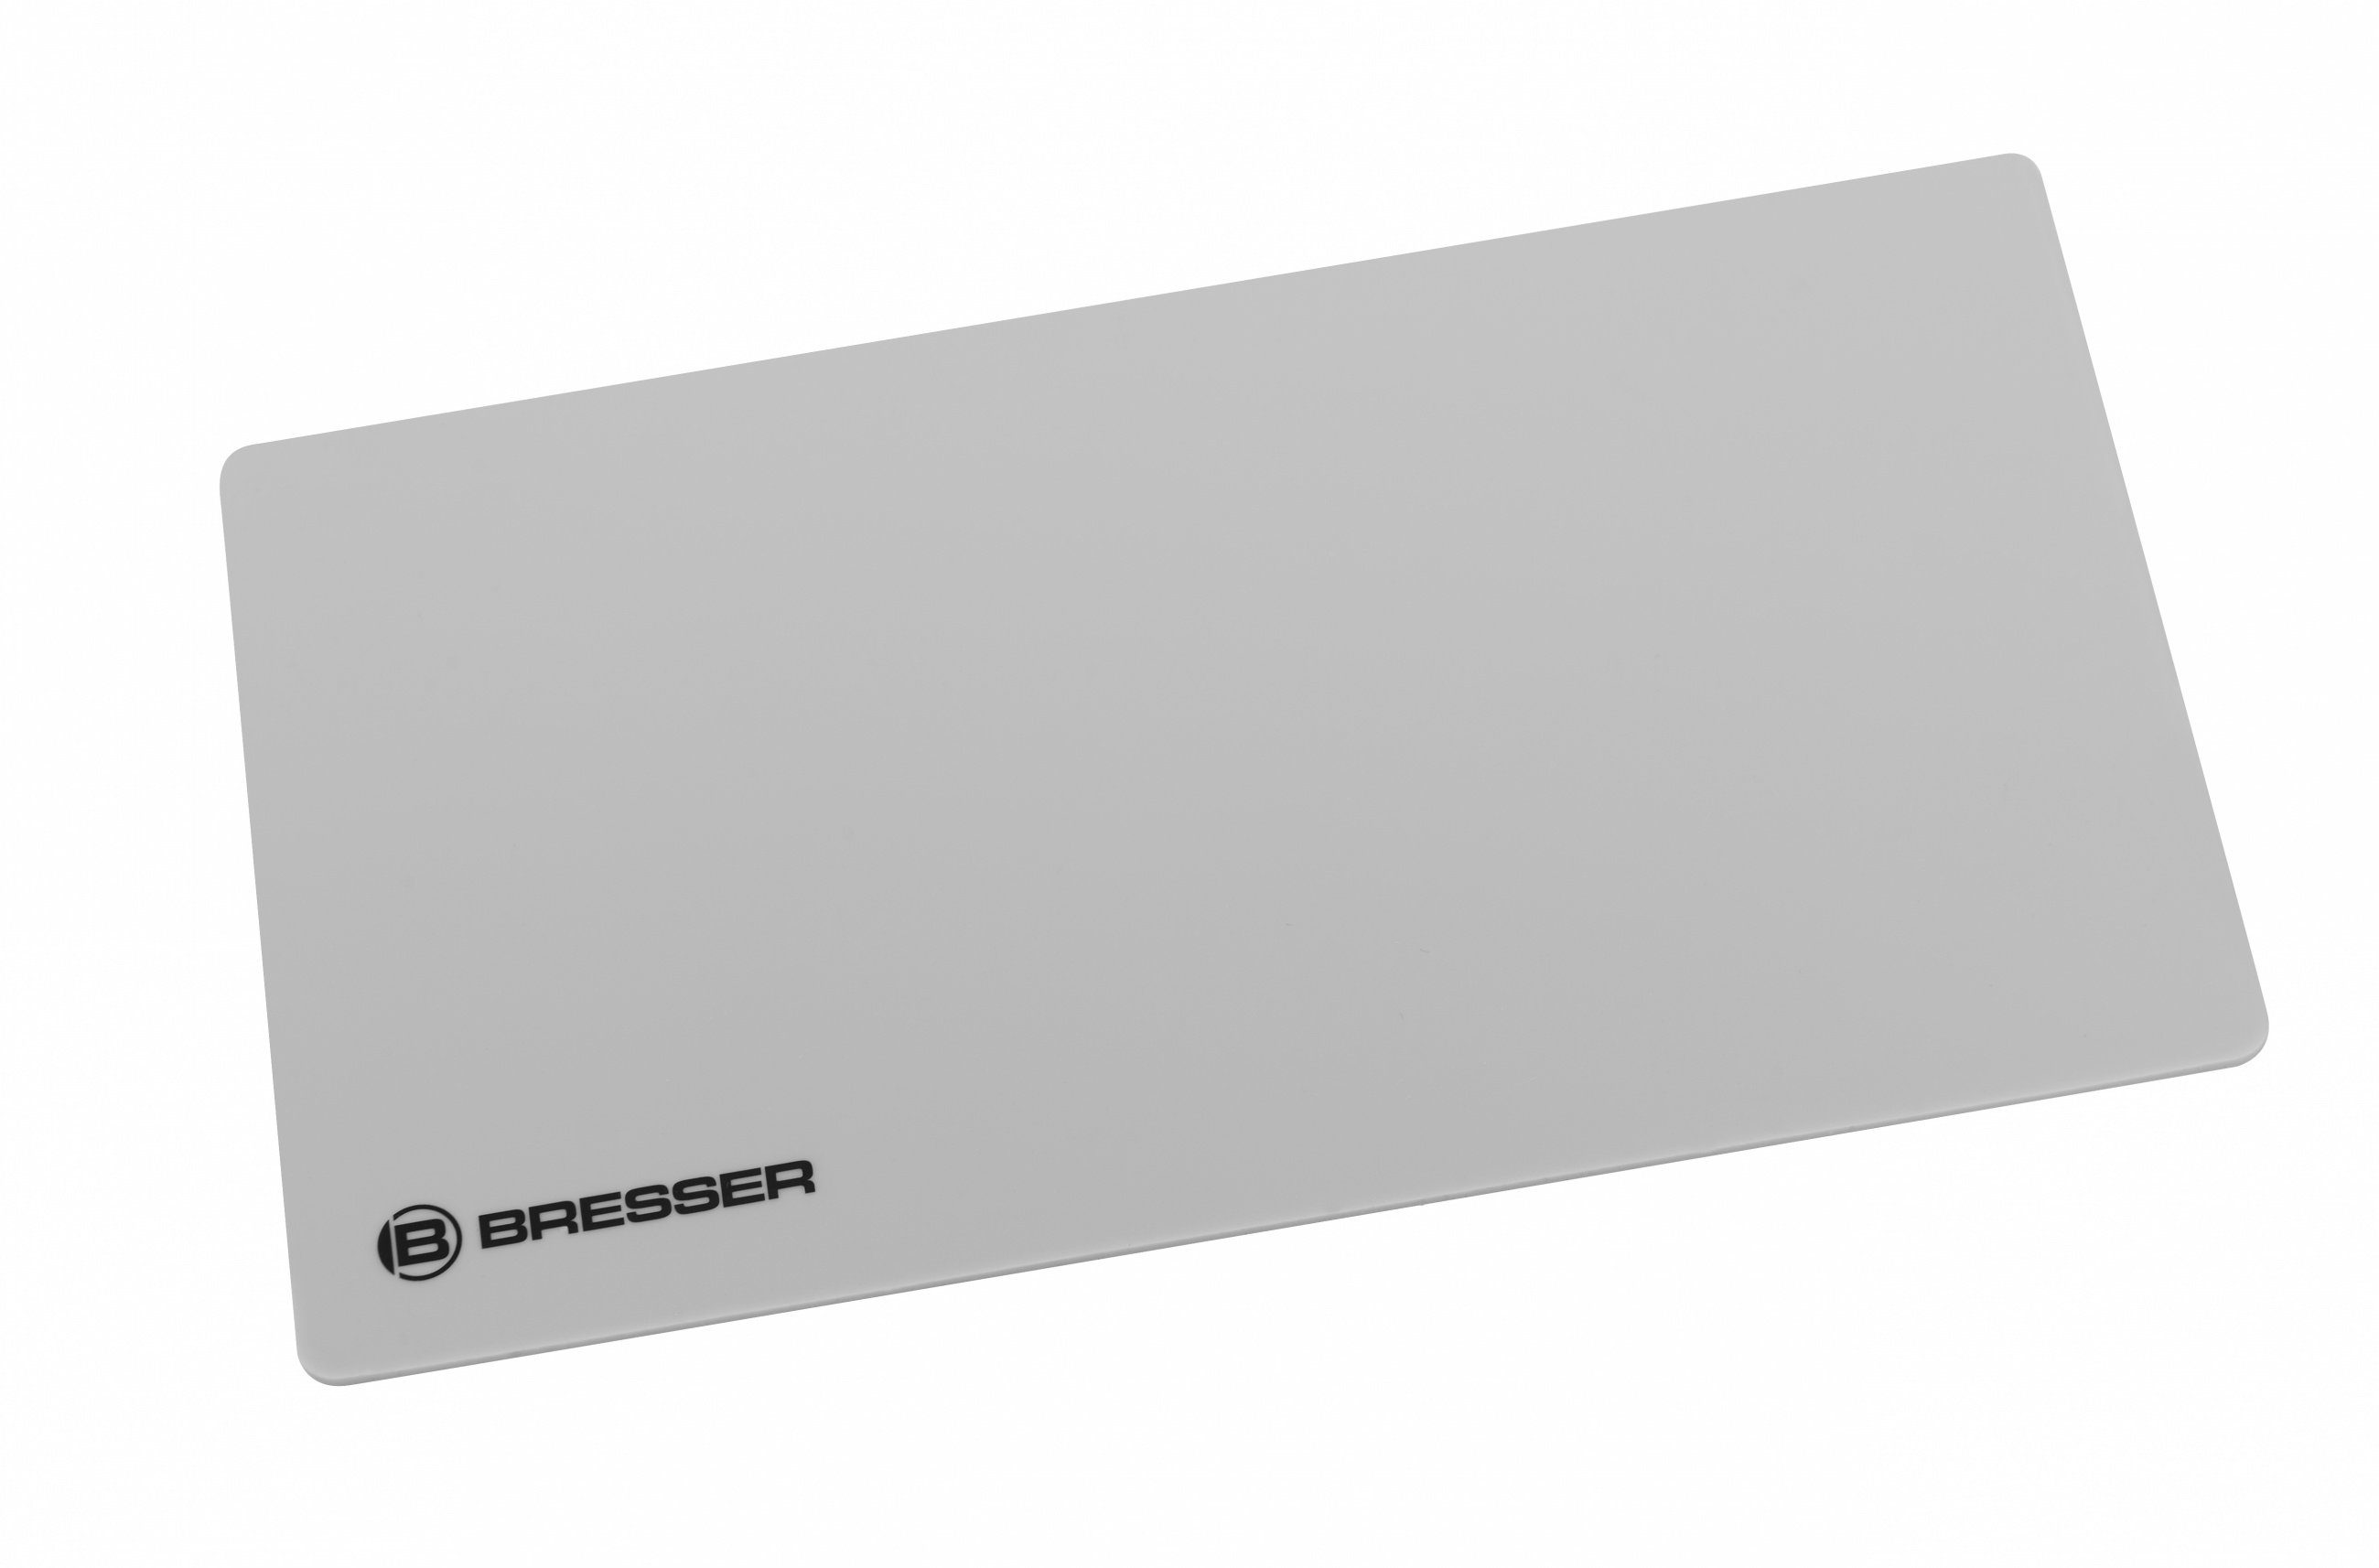 BRESSER Silikonablage »BRESSER Silikonablage für FlipMe Funkwecker«